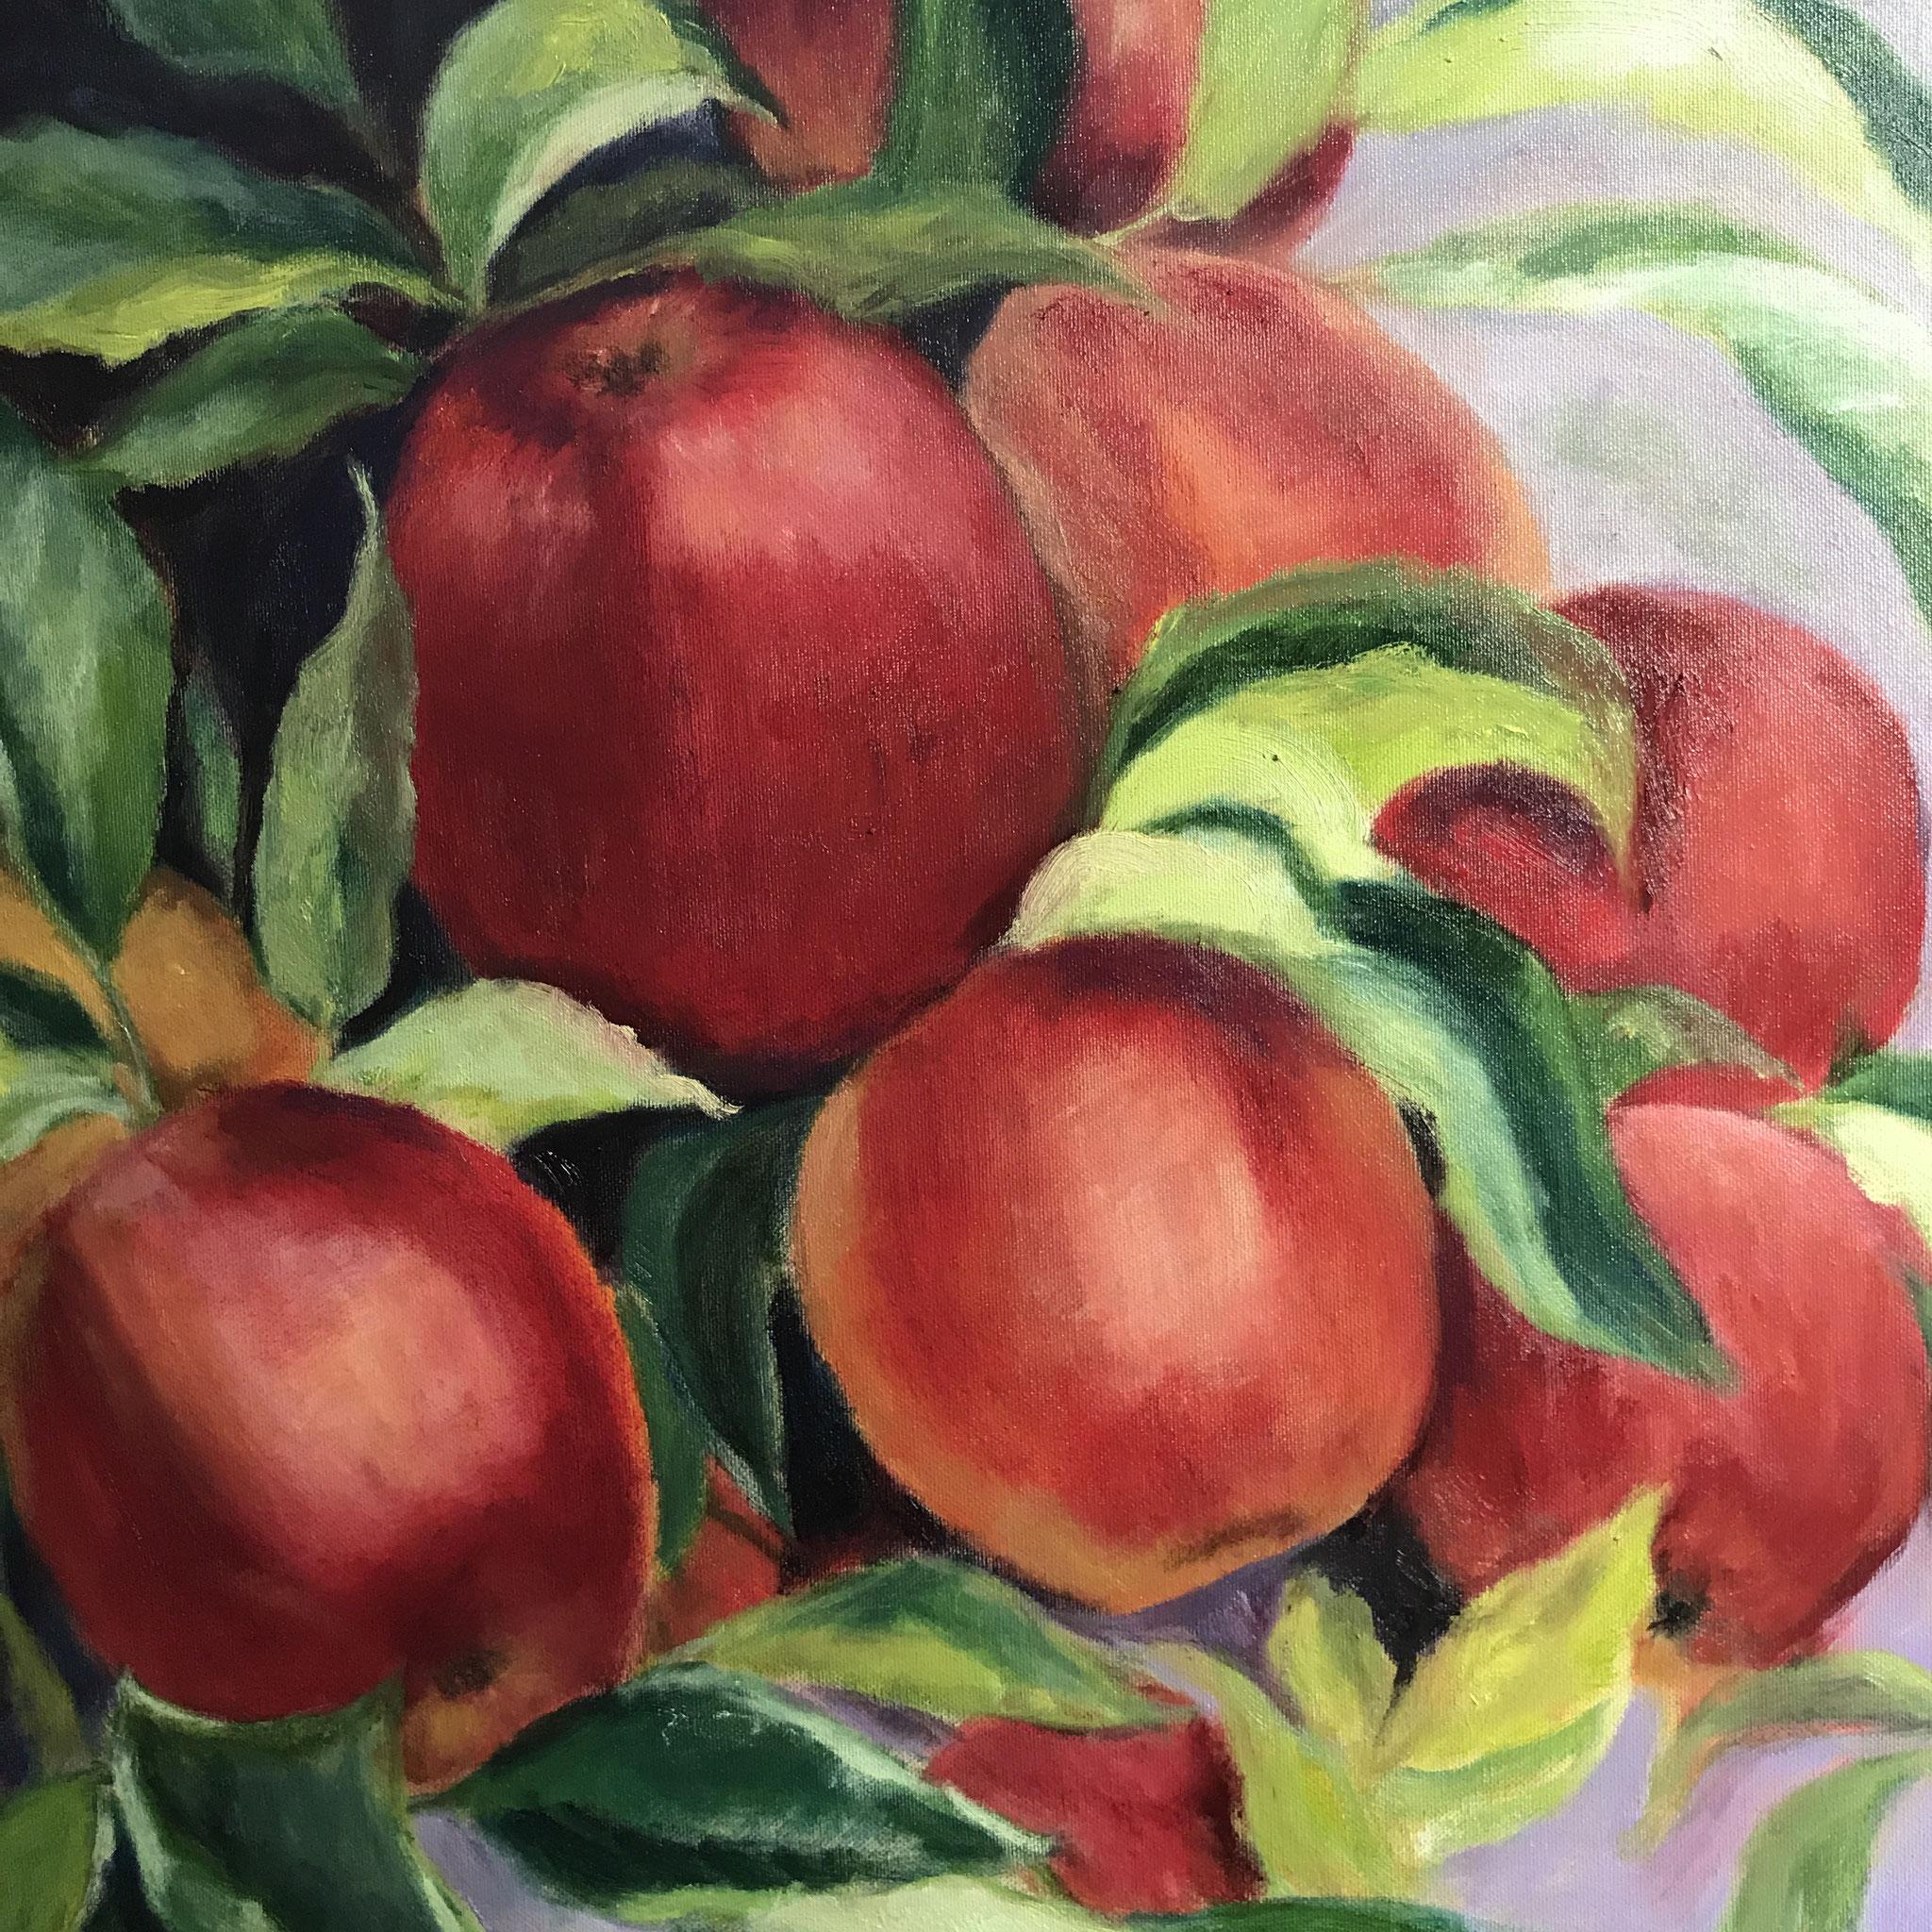 Rode Appels in lila. 60x60cm. olie op linnen. 2021.